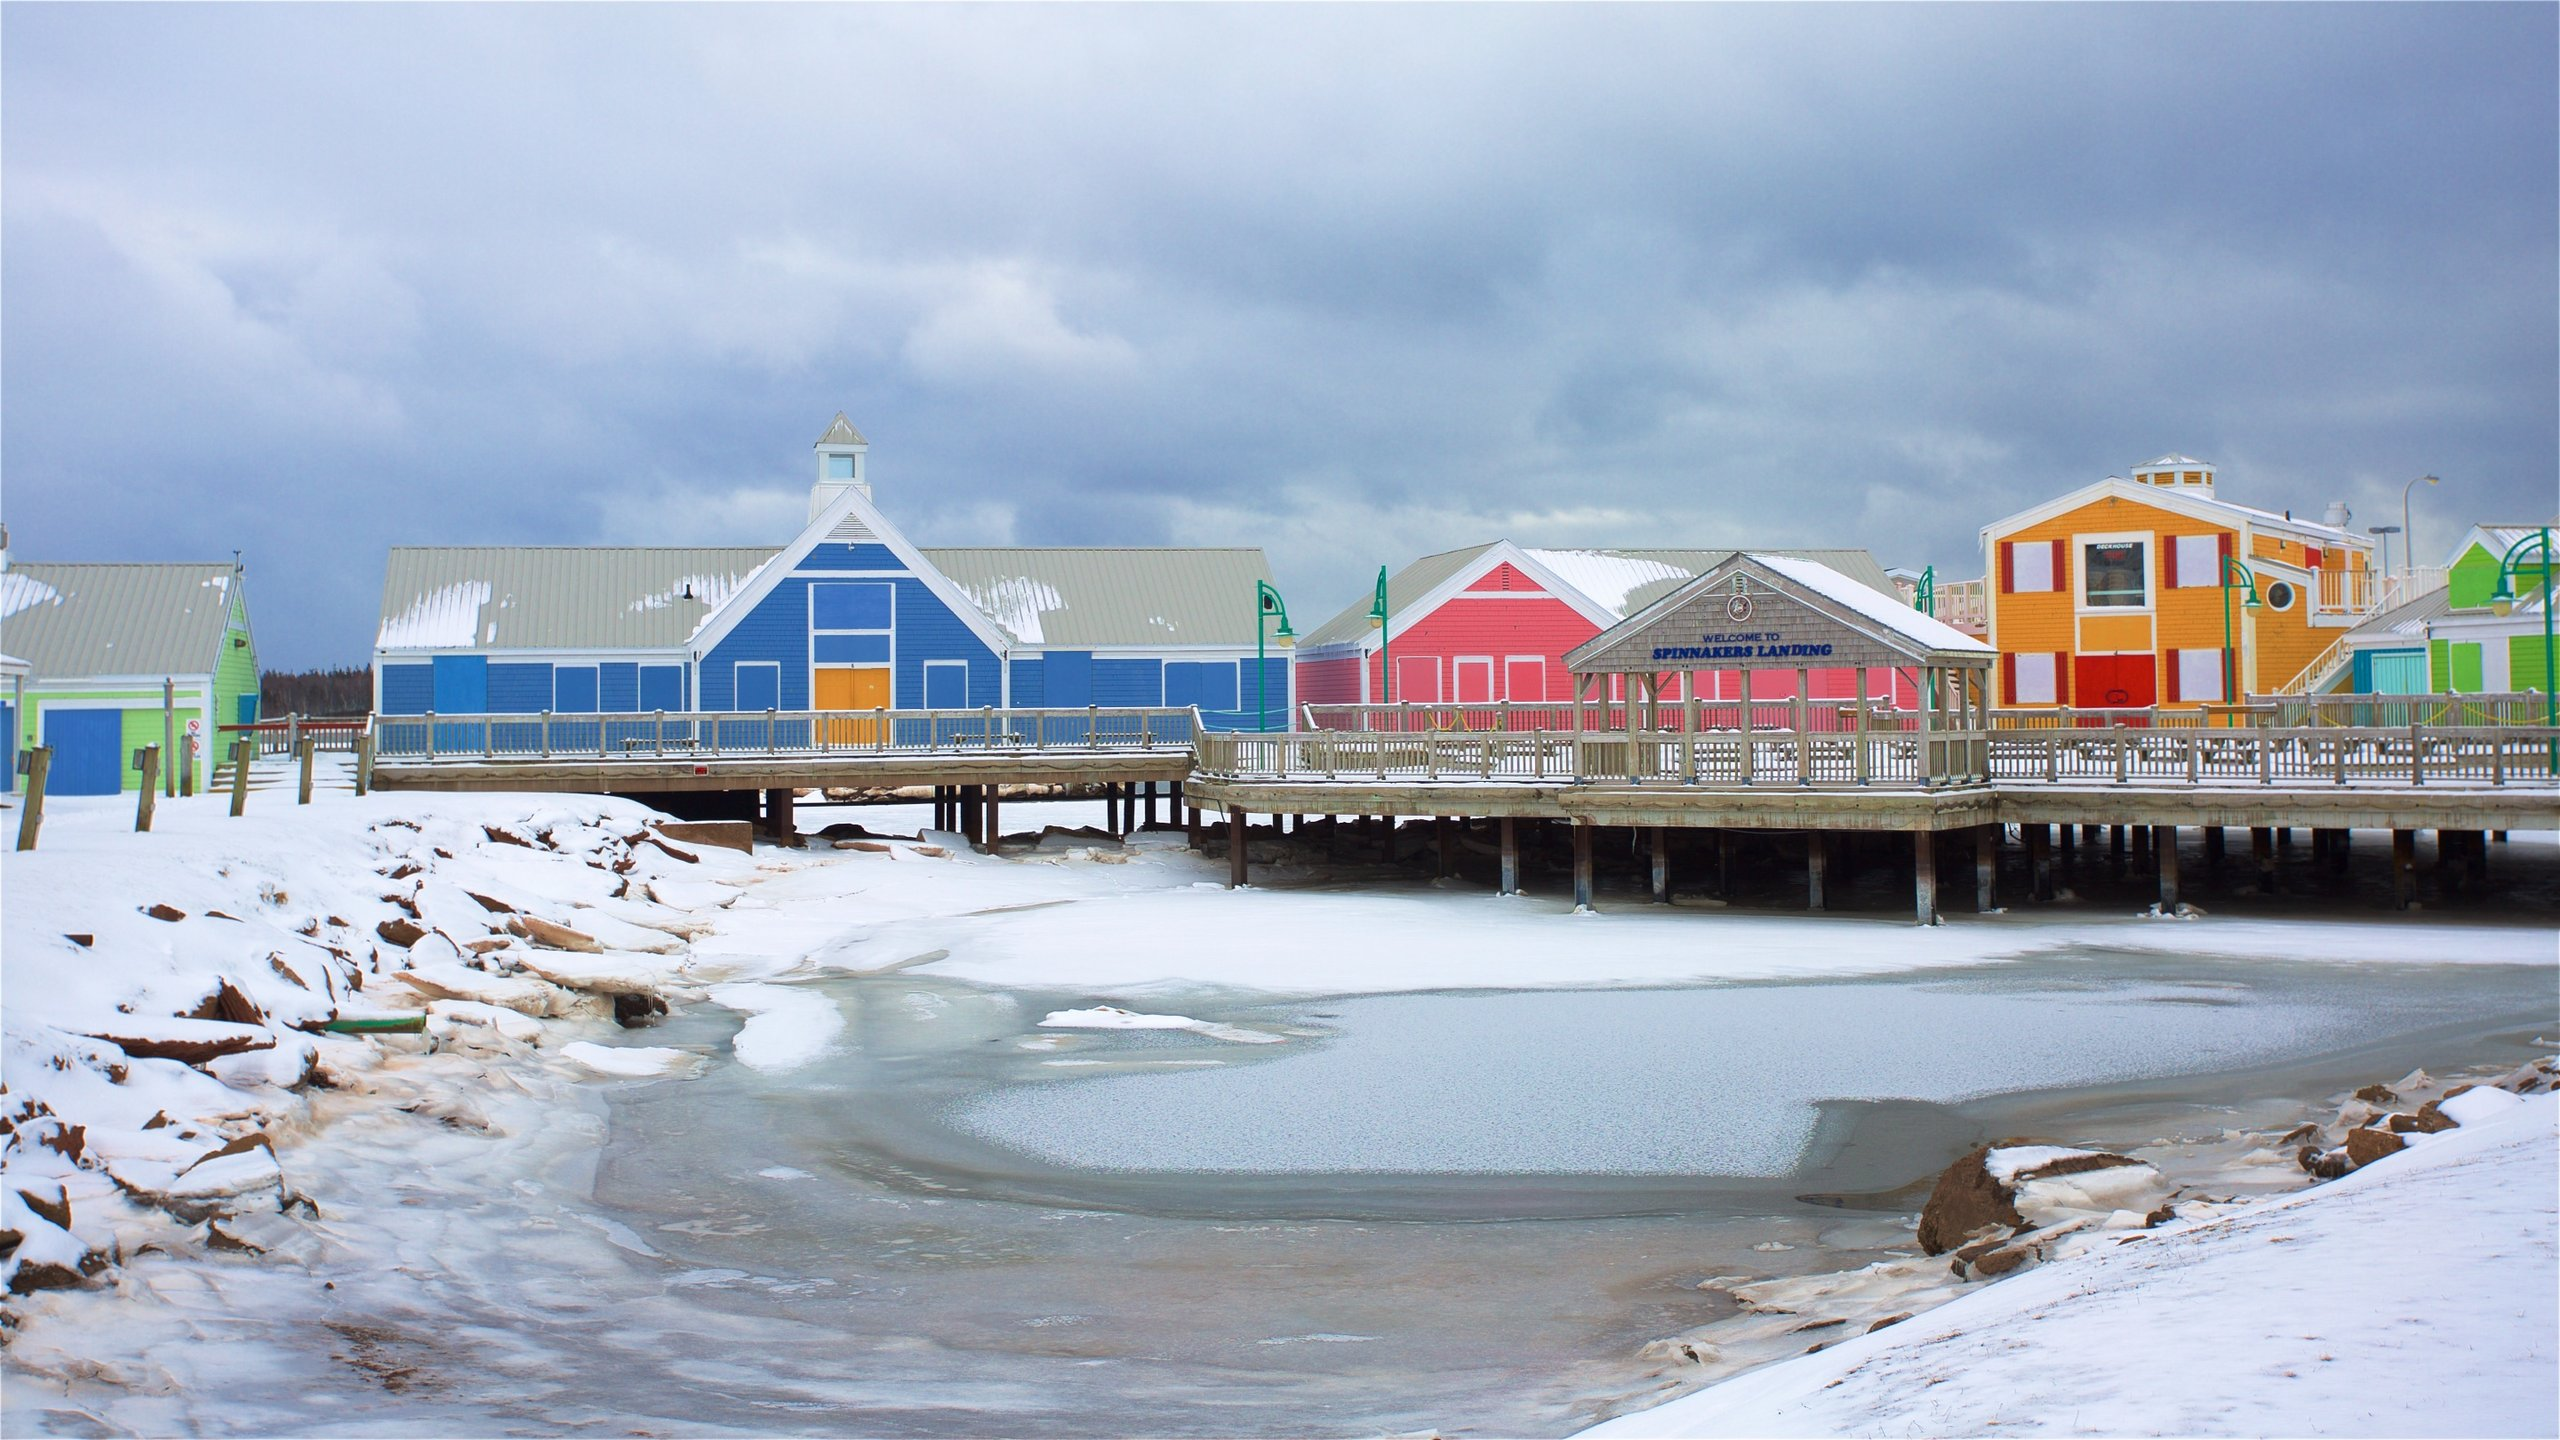 Summerside, Prince Edward Island, Canada